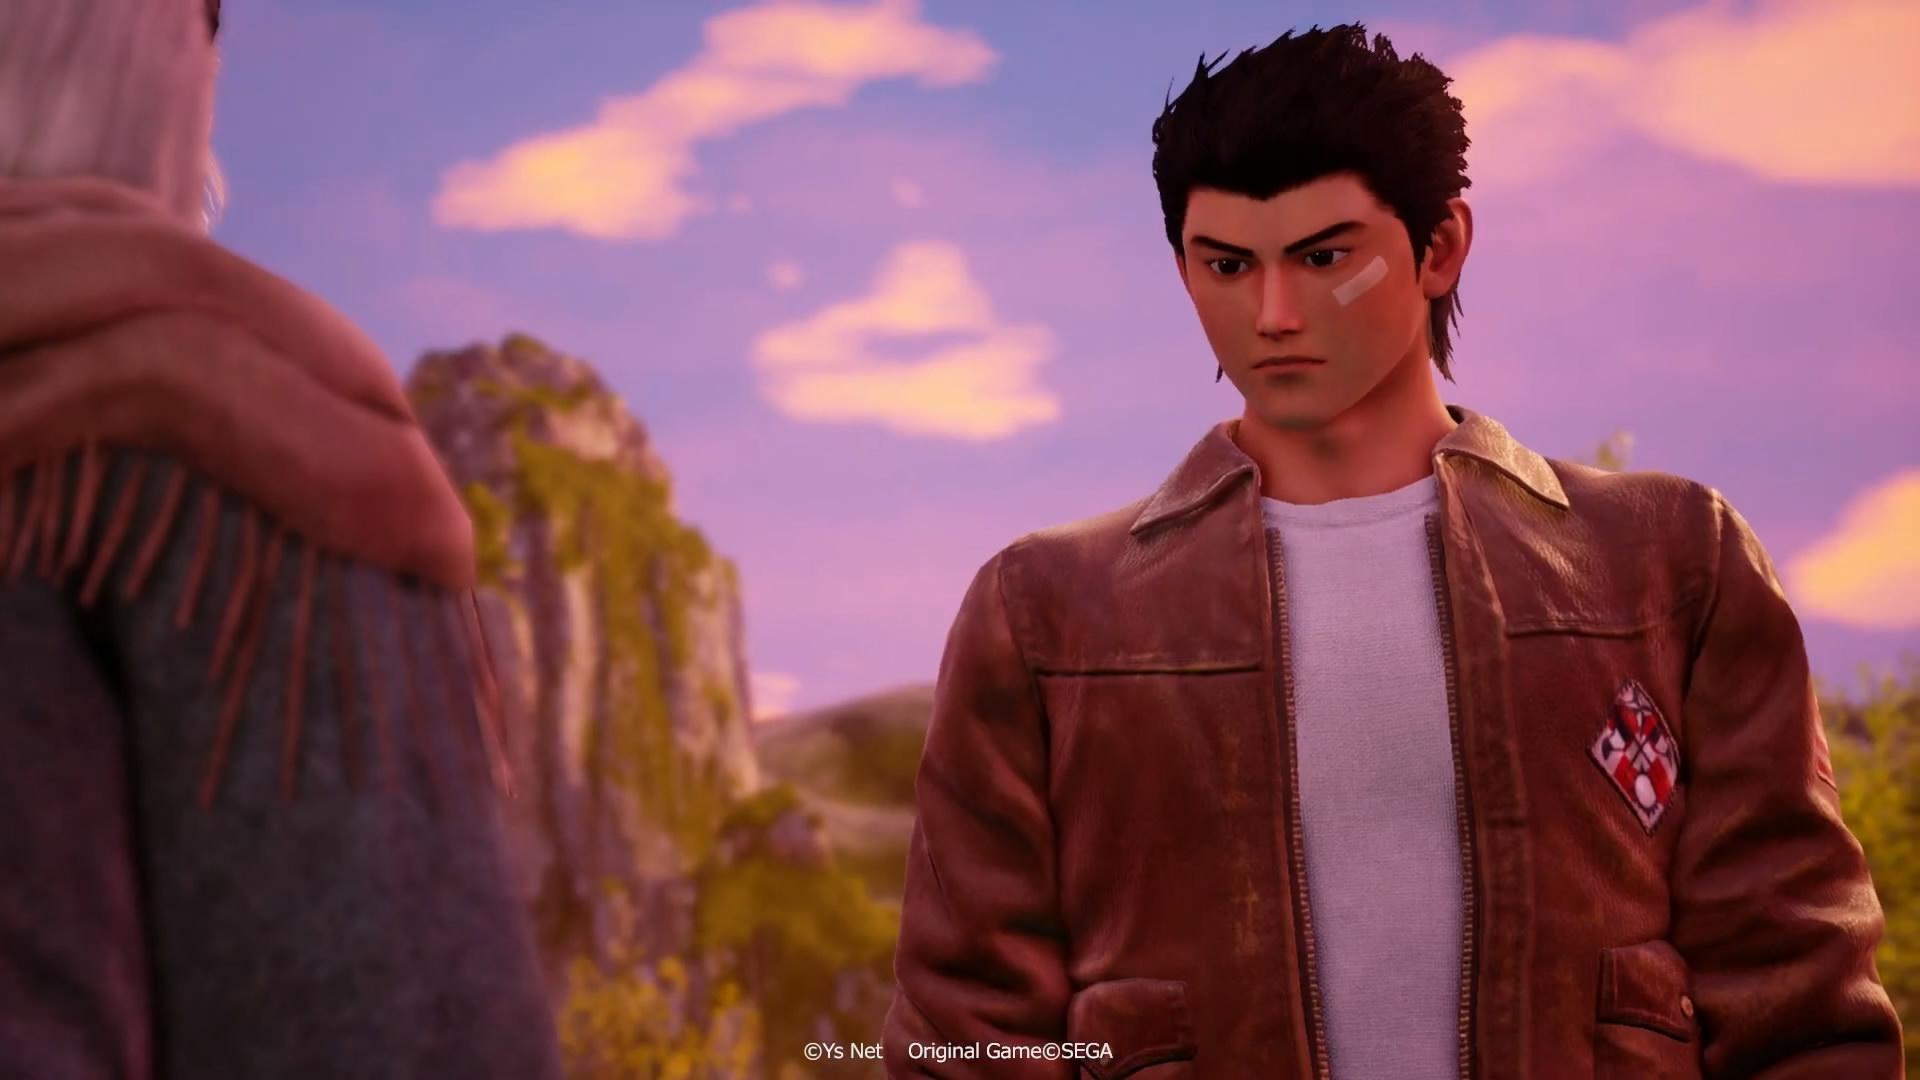 《莎木3》发售预告片公布 熟悉的画面让人泪目